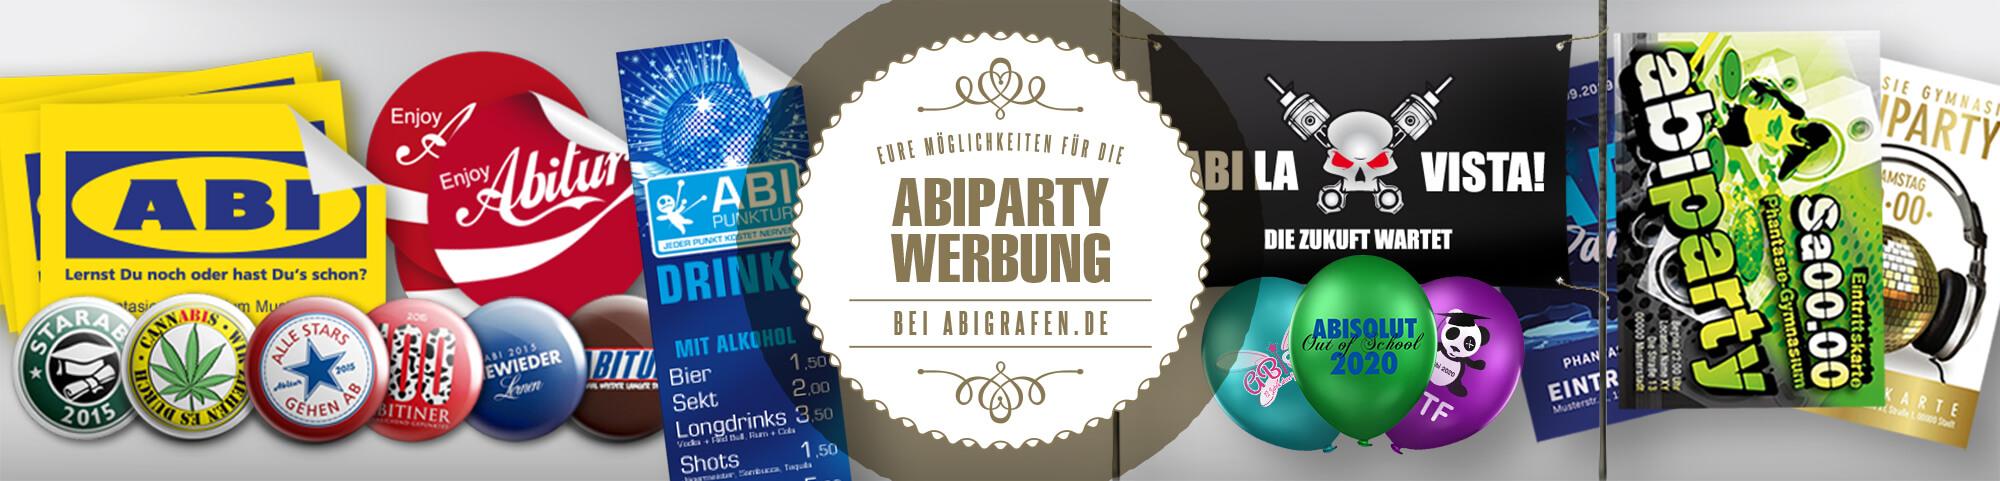 Abiparty Werbung: Mit Plakaten/Postern, Flyern, Bannern, Aufklebern, Ballons und vielen weiteren Produkten einfach Geld für die Abikasse verdienen